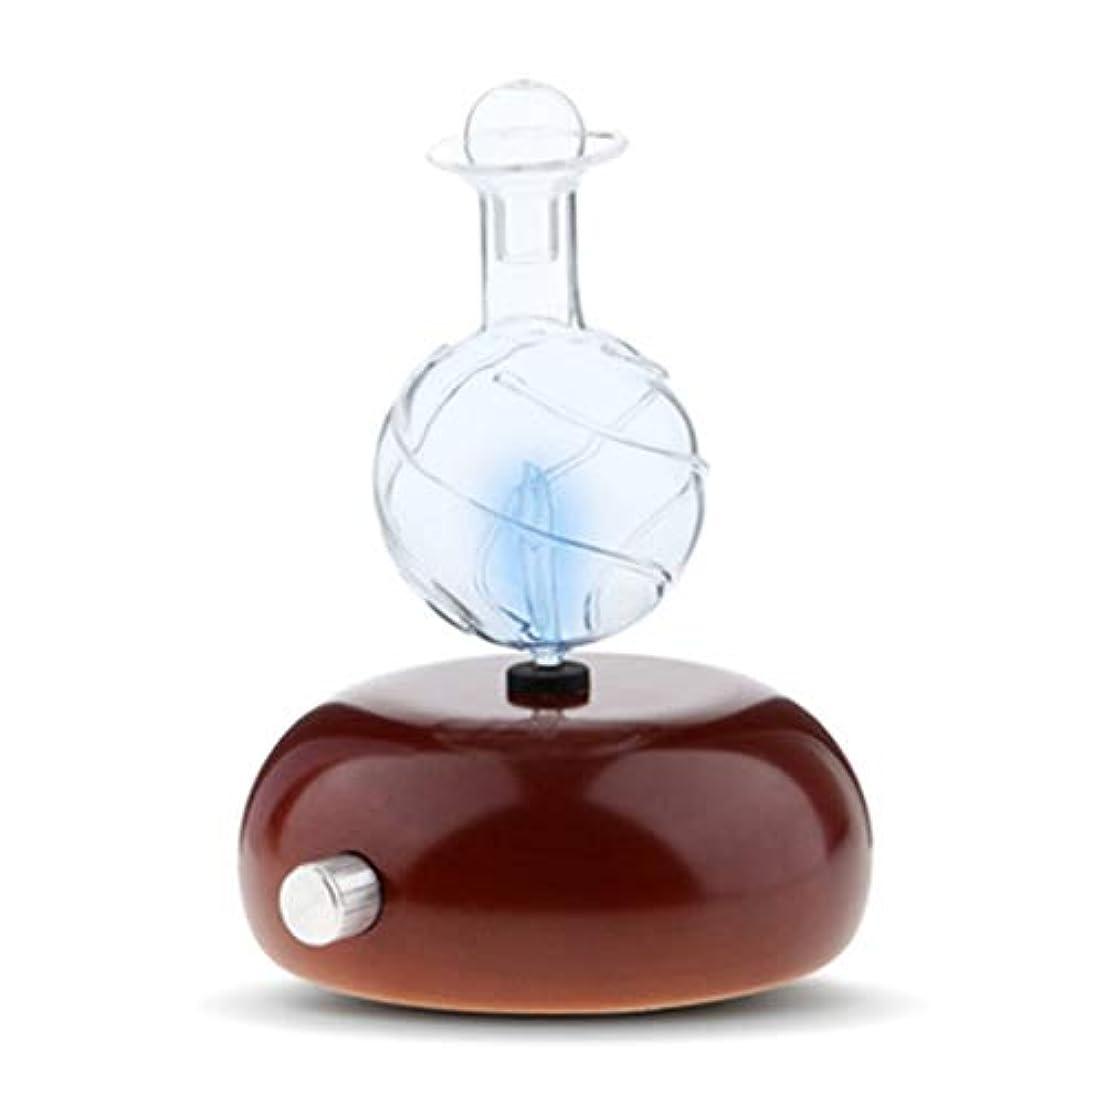 エクスタシー自発埋め込むタッチセンサーライトスイッチが付いている純粋な本質的な拡散器を霧化しなさい優れた家及び専門の使用、熱無し、水無し、プラスチック無し (Color : Dark wood grain)